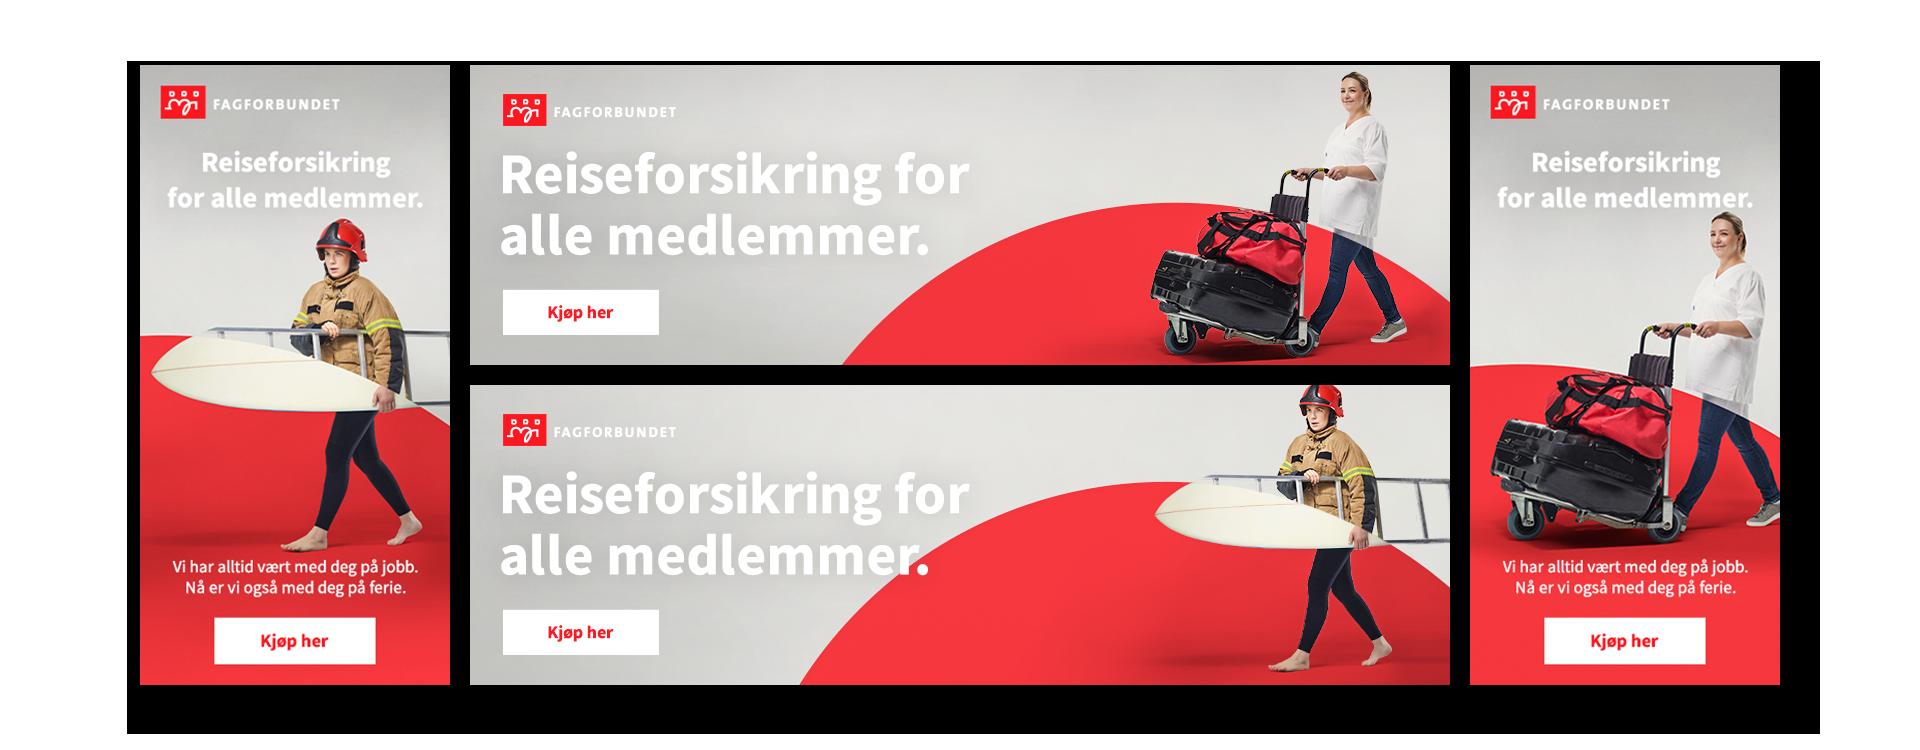 fagforbundet bannere